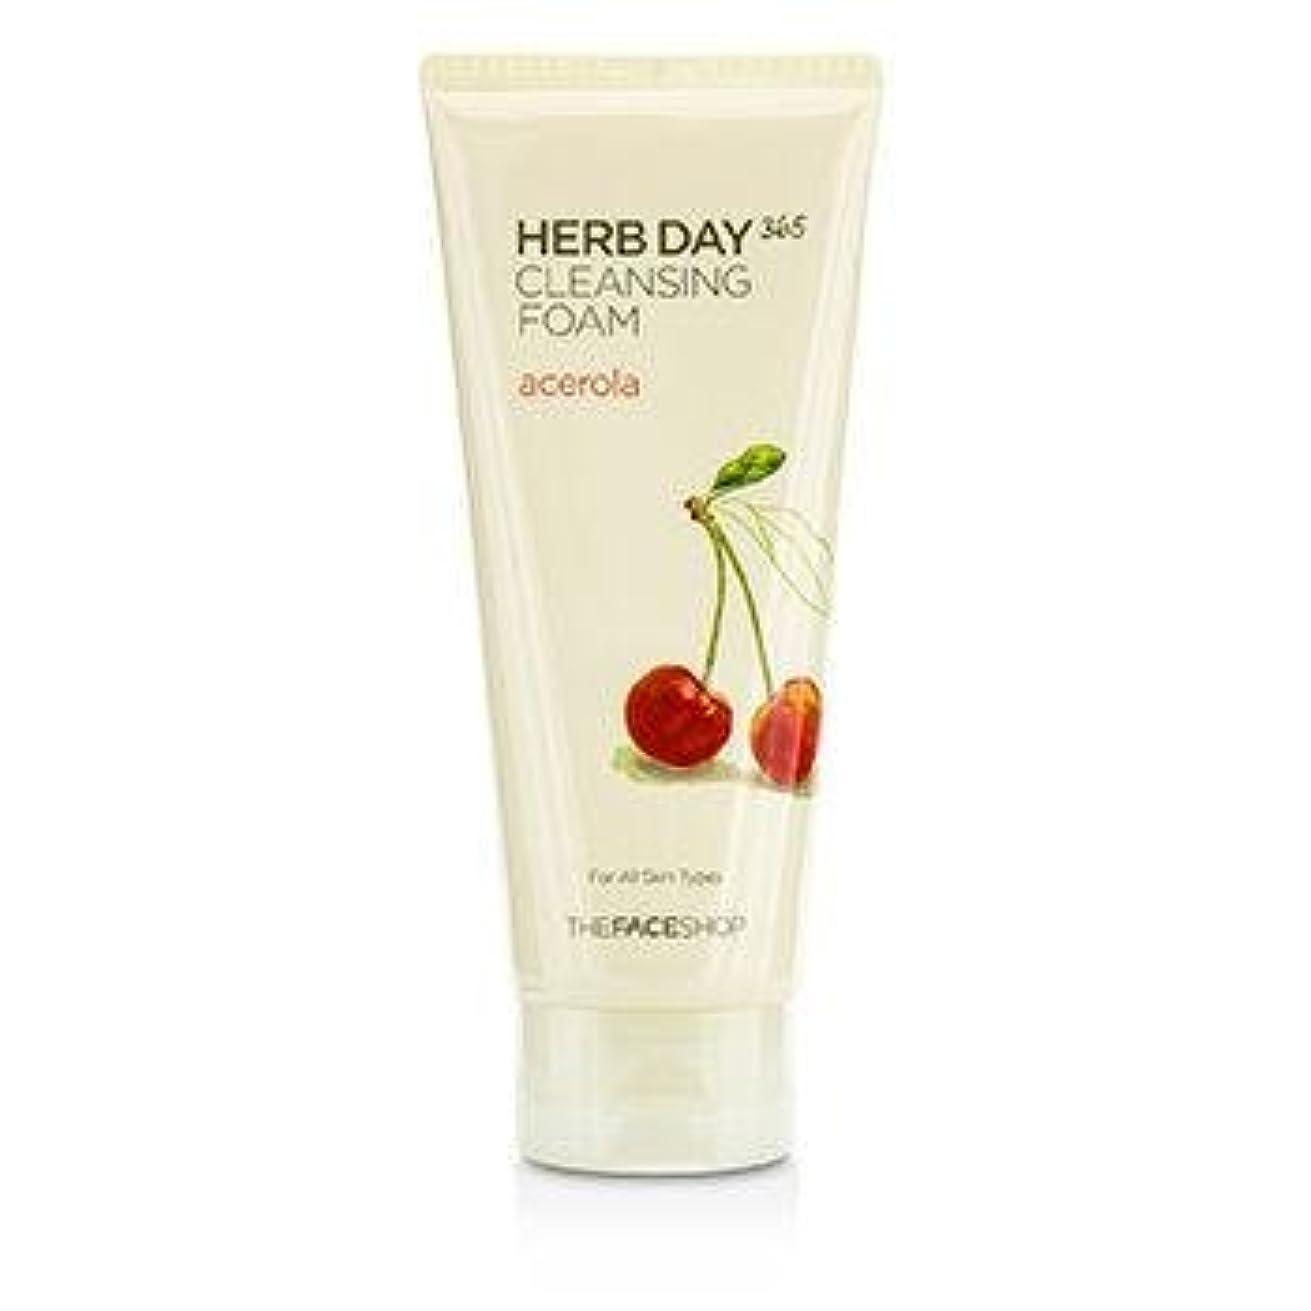 ラグ委員長きしむTHE FACE SHOP Herb Day 365 Cleansing Foam Acerola (並行輸入品)